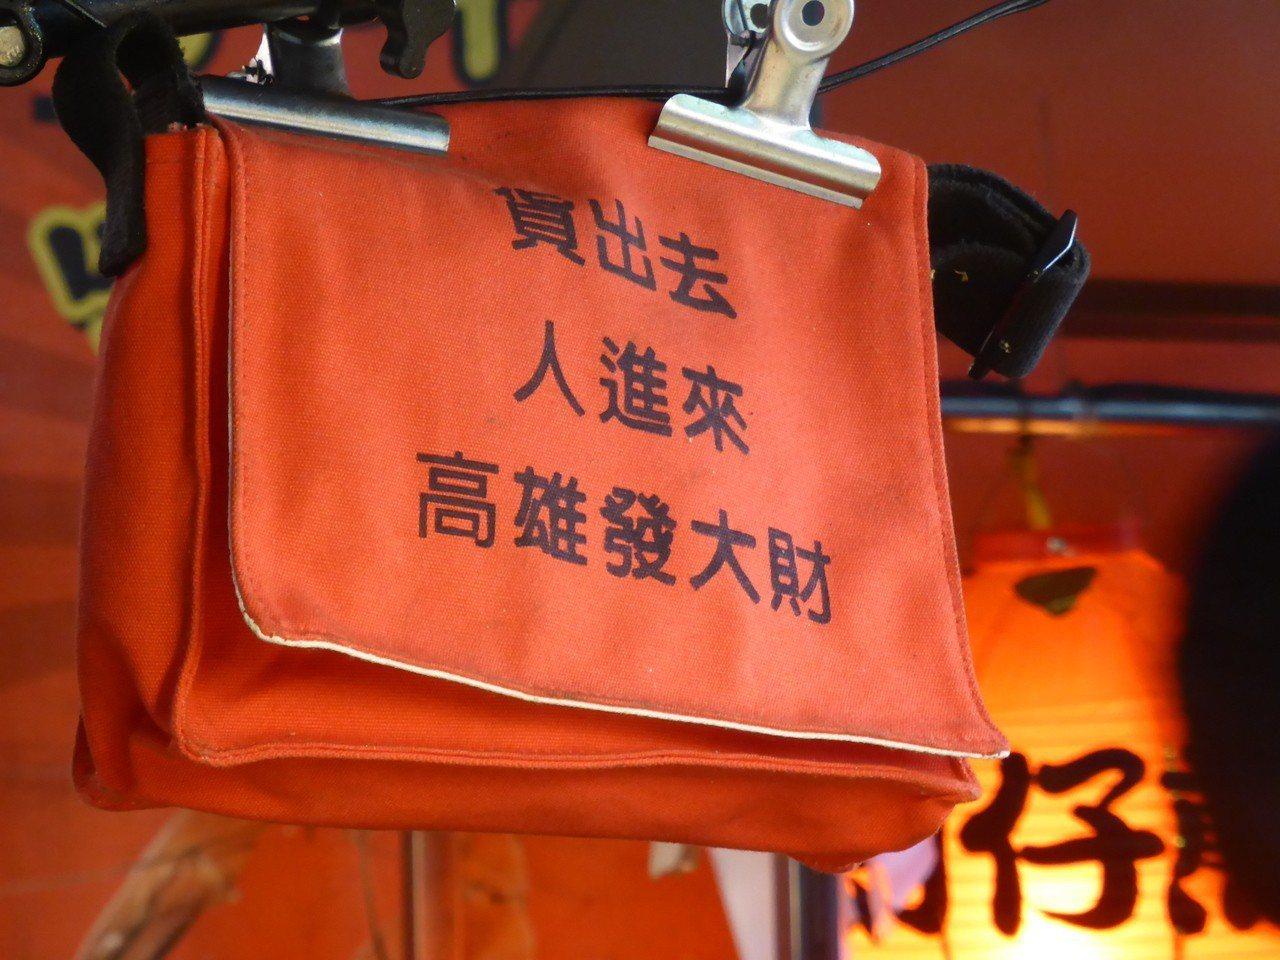 高雄市長韓國瑜的競選口號成為高市六合夜市攤商招徠顧客的廣告。記者楊濡嘉/攝影